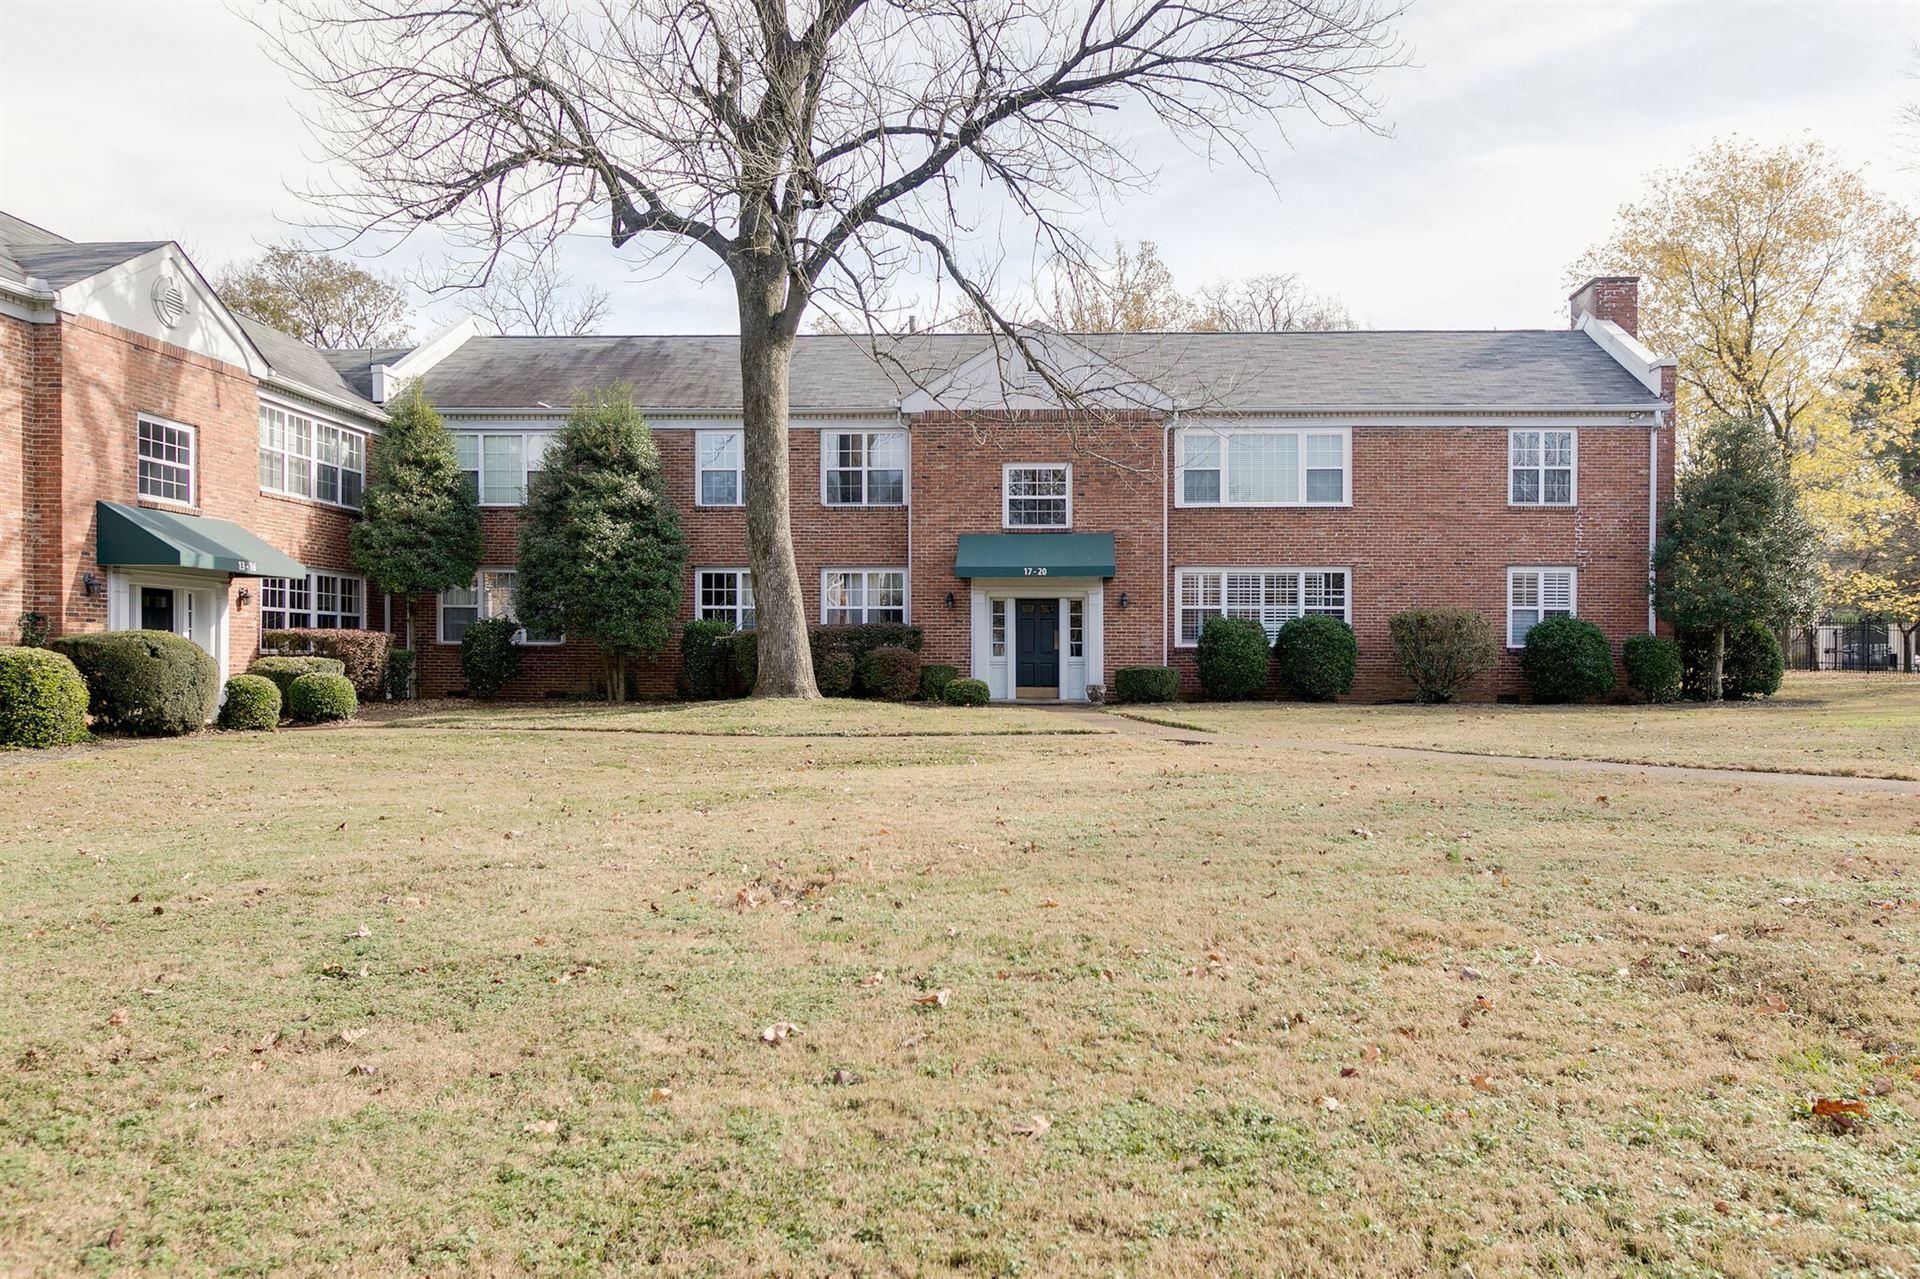 Photo of 1112 Clifton Ln #20, Nashville, TN 37204 (MLS # 2209140)